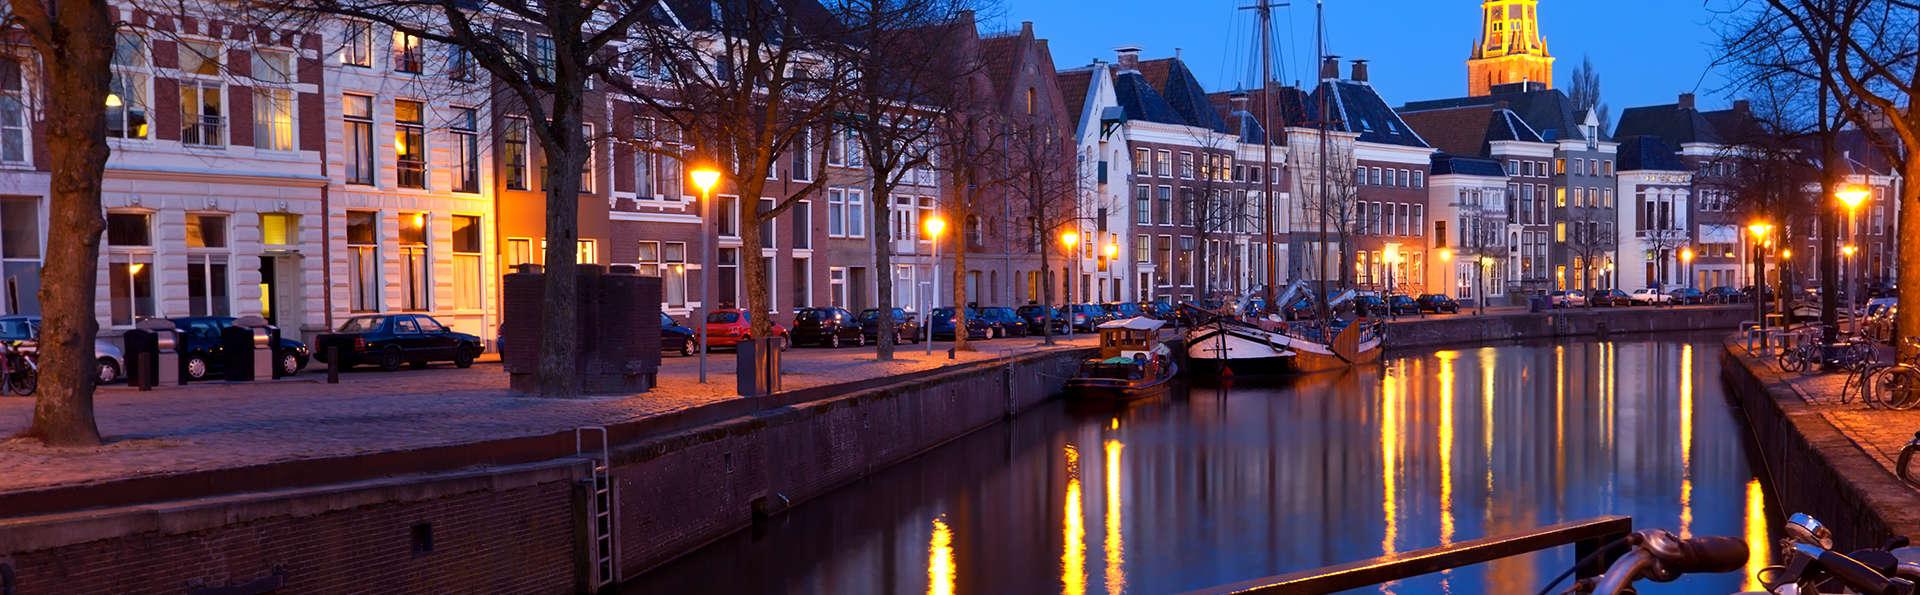 Fletcher Hotel-Restaurant Langewold - Edit_Groningen2.jpg